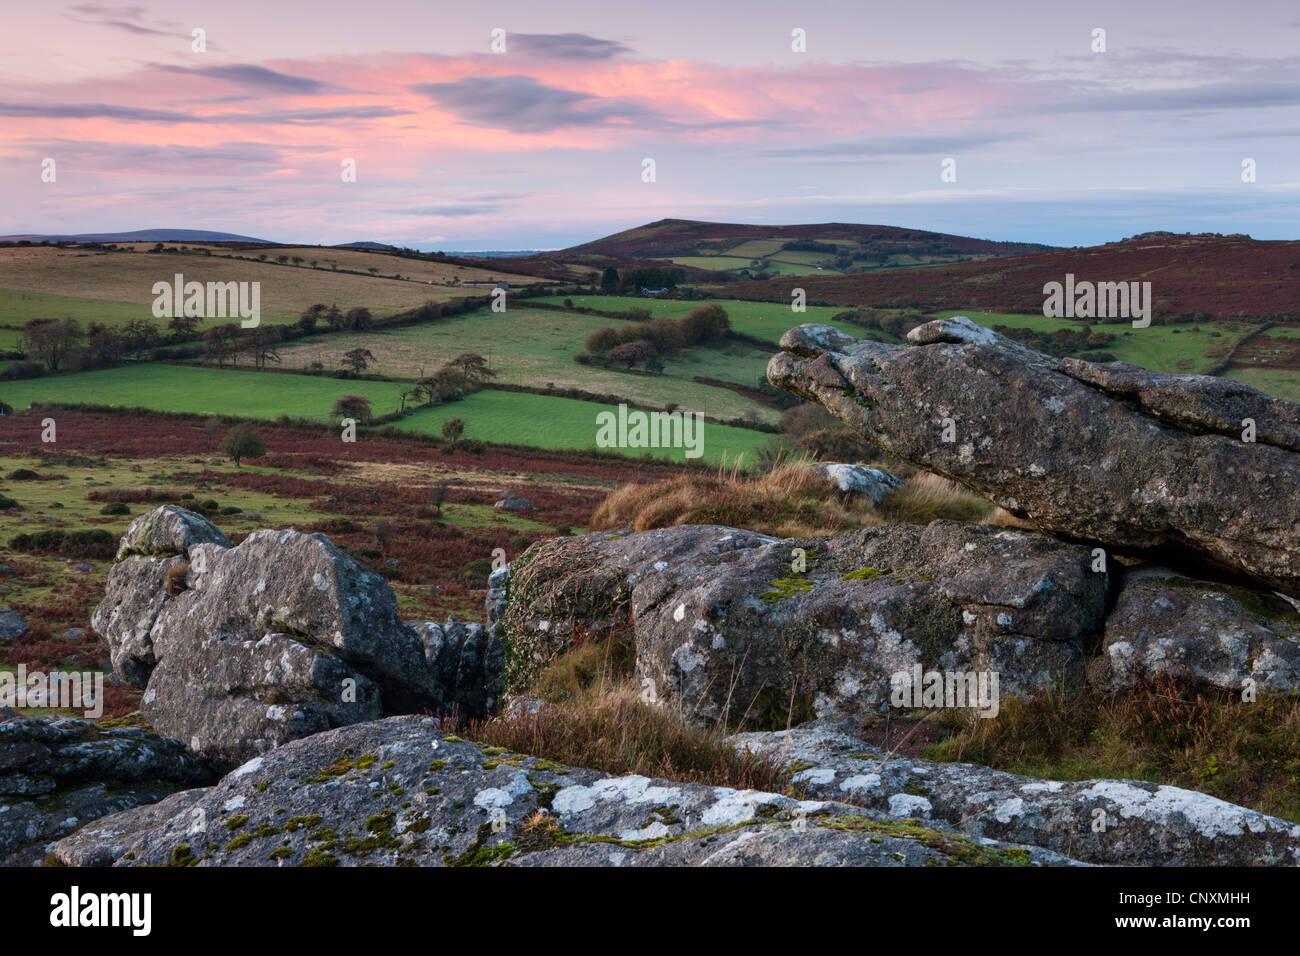 Dämmerung über Dartmoor Landschaft von Hound Tor, Dartmoor, Devon, England gesehen. Herbst (Oktober) 2011. Stockbild